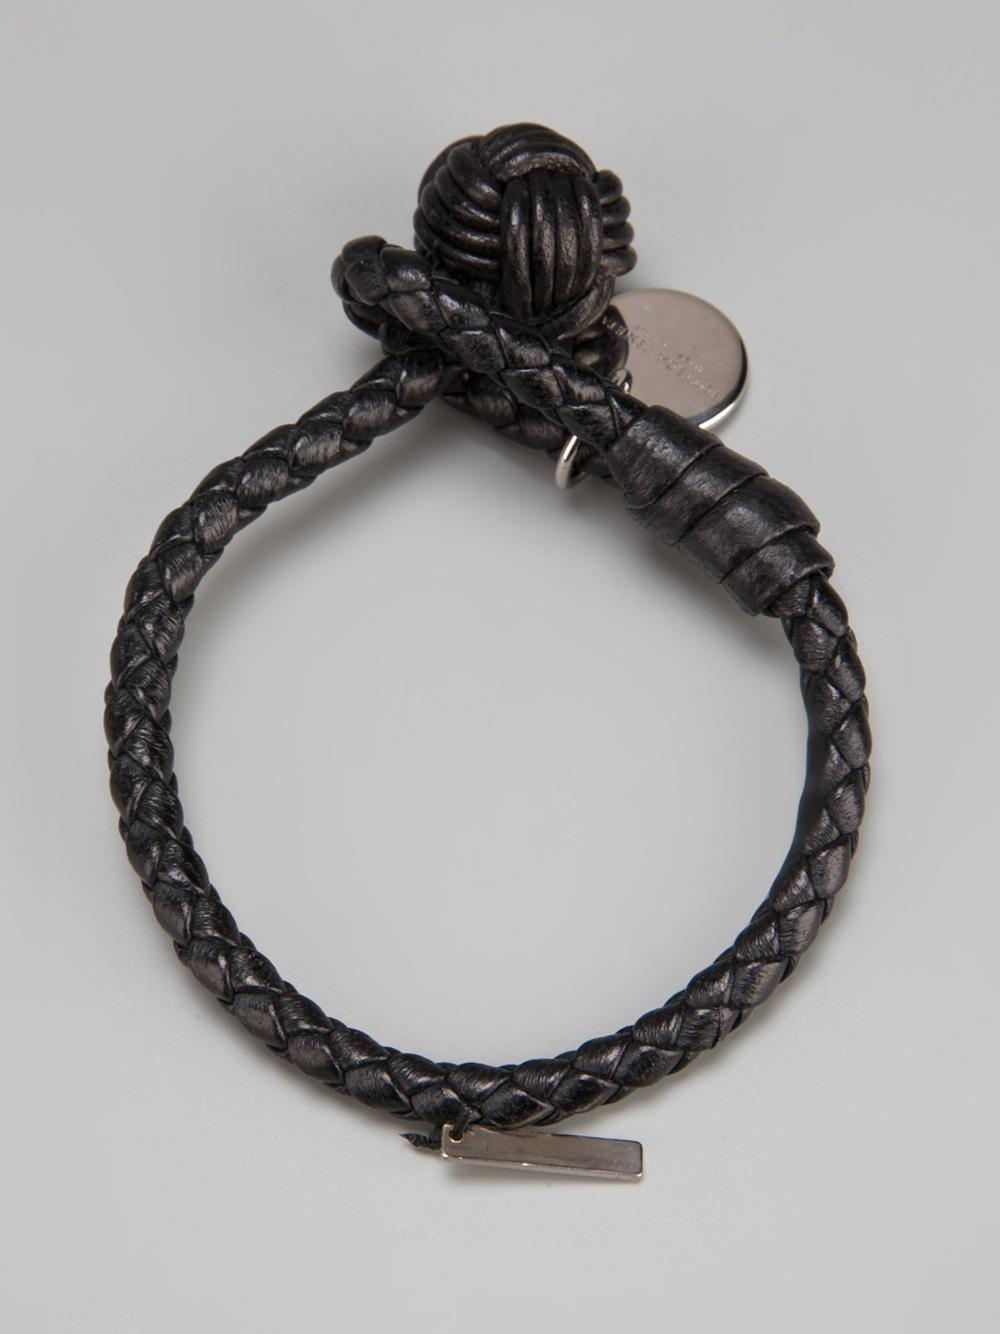 9ad80c28602c1 Bottega Veneta Black Woven Leather Bracelet for men